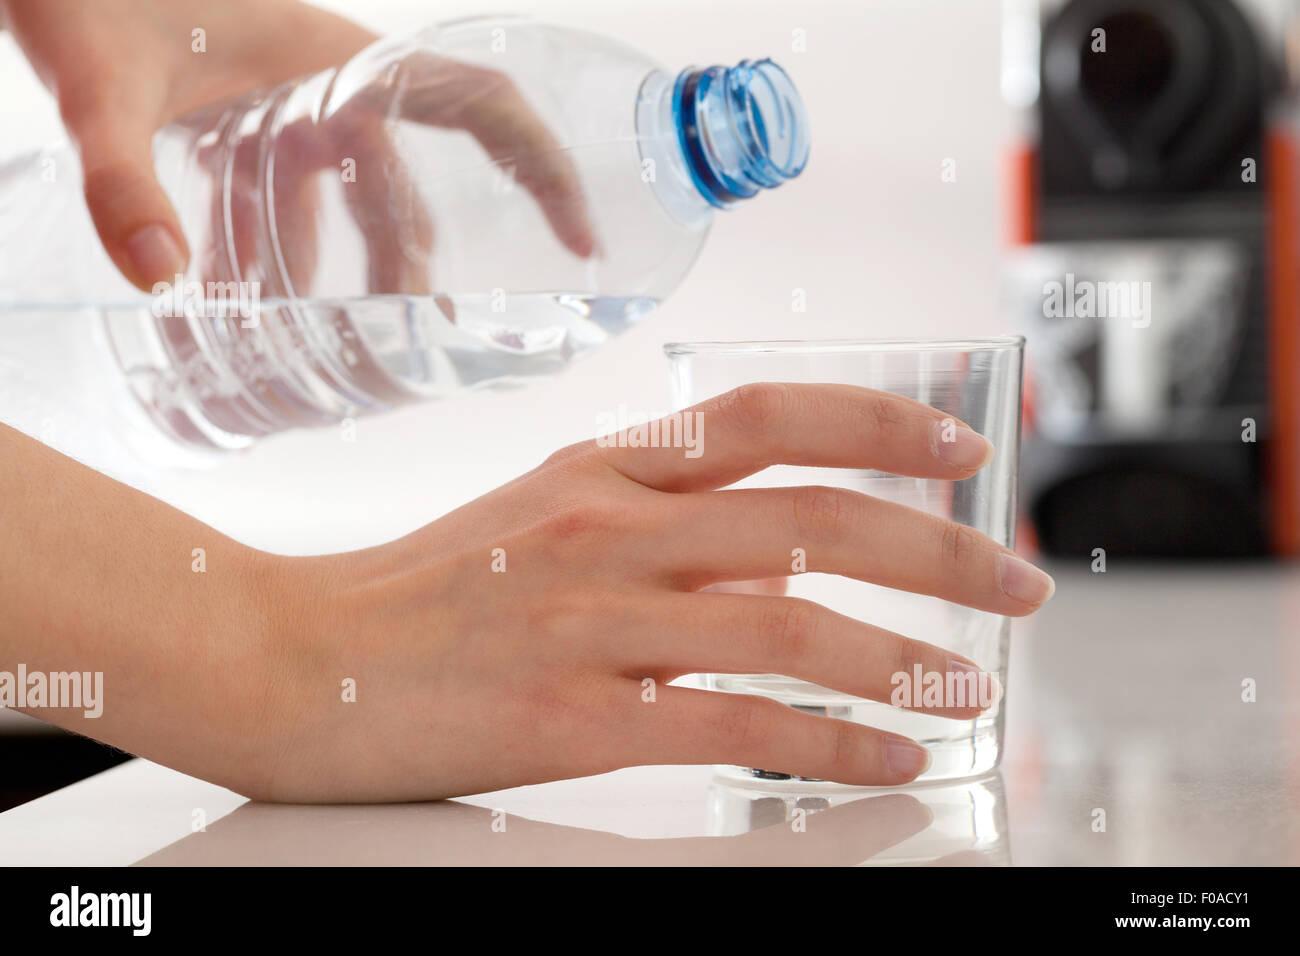 Weibliche Hände gießt Wasser in Flaschen in Glas Stockbild